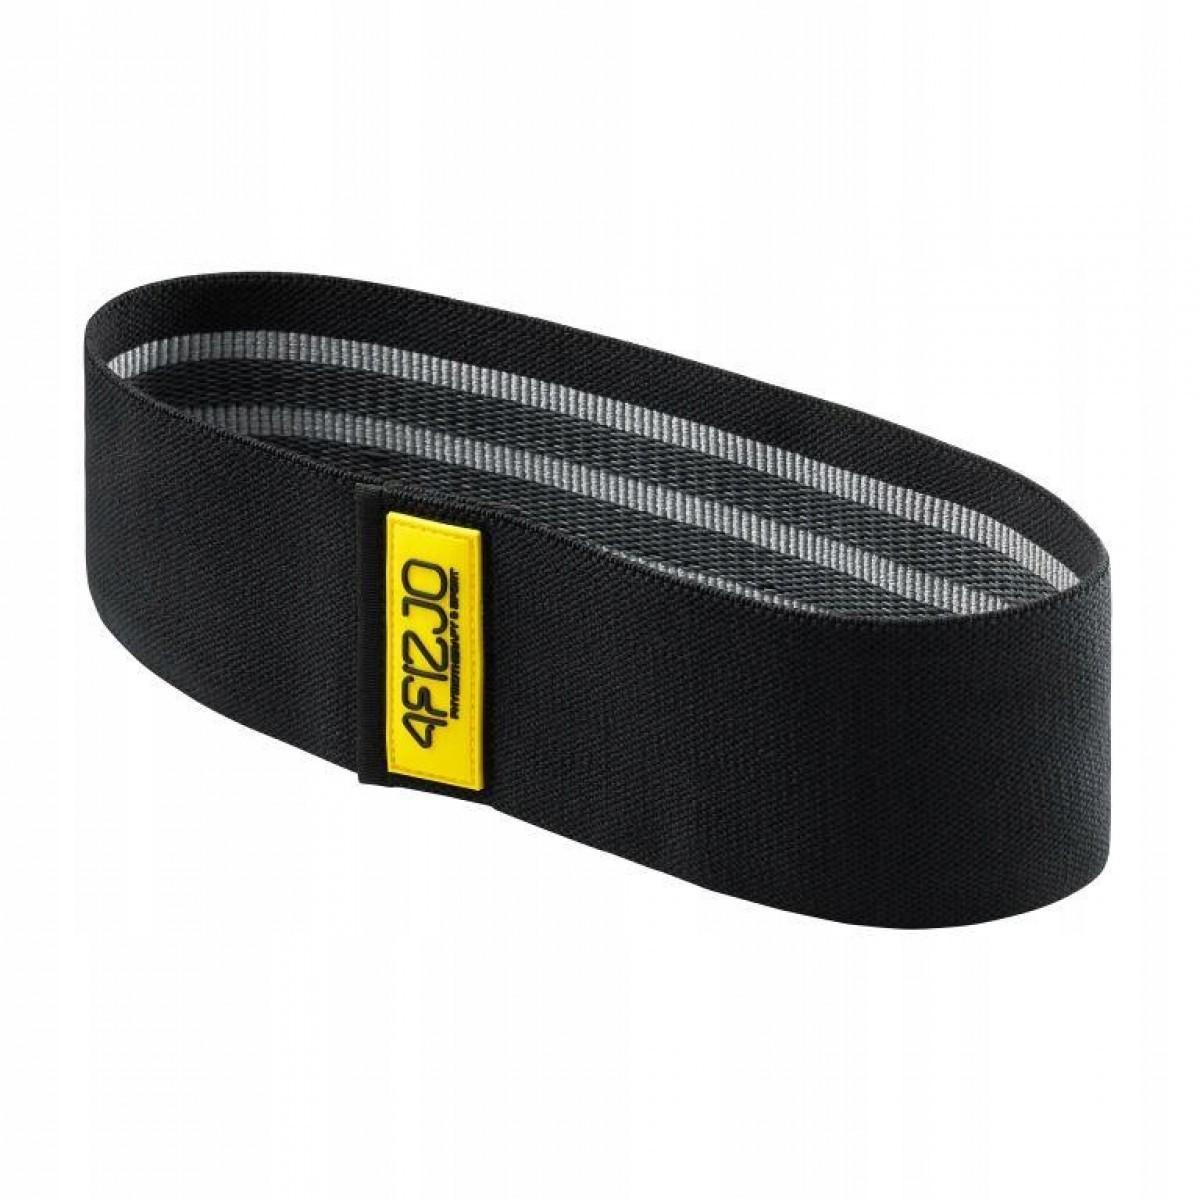 Резинка для фітнесу та спорту із тканини 4FIZJO Hip Band Size S 4FJ0071